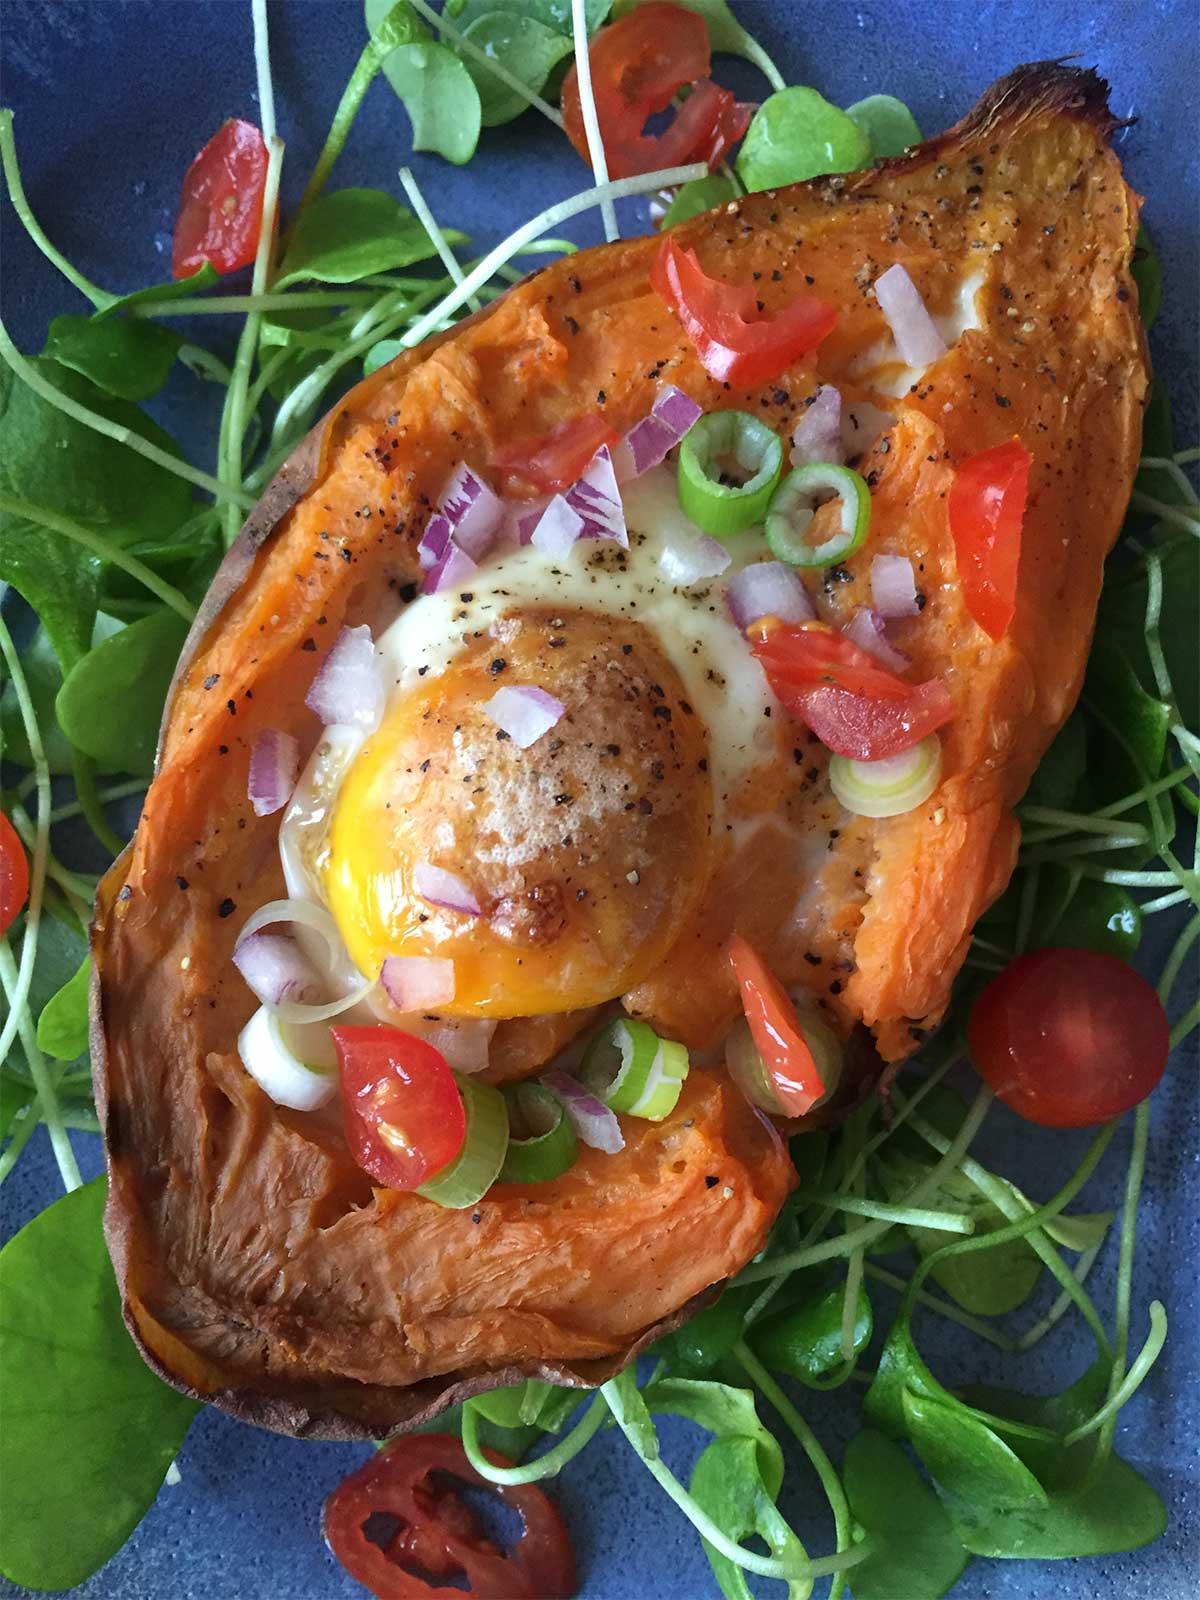 Zoete-Aardappel-met-ei-uit-de-oven-close-up